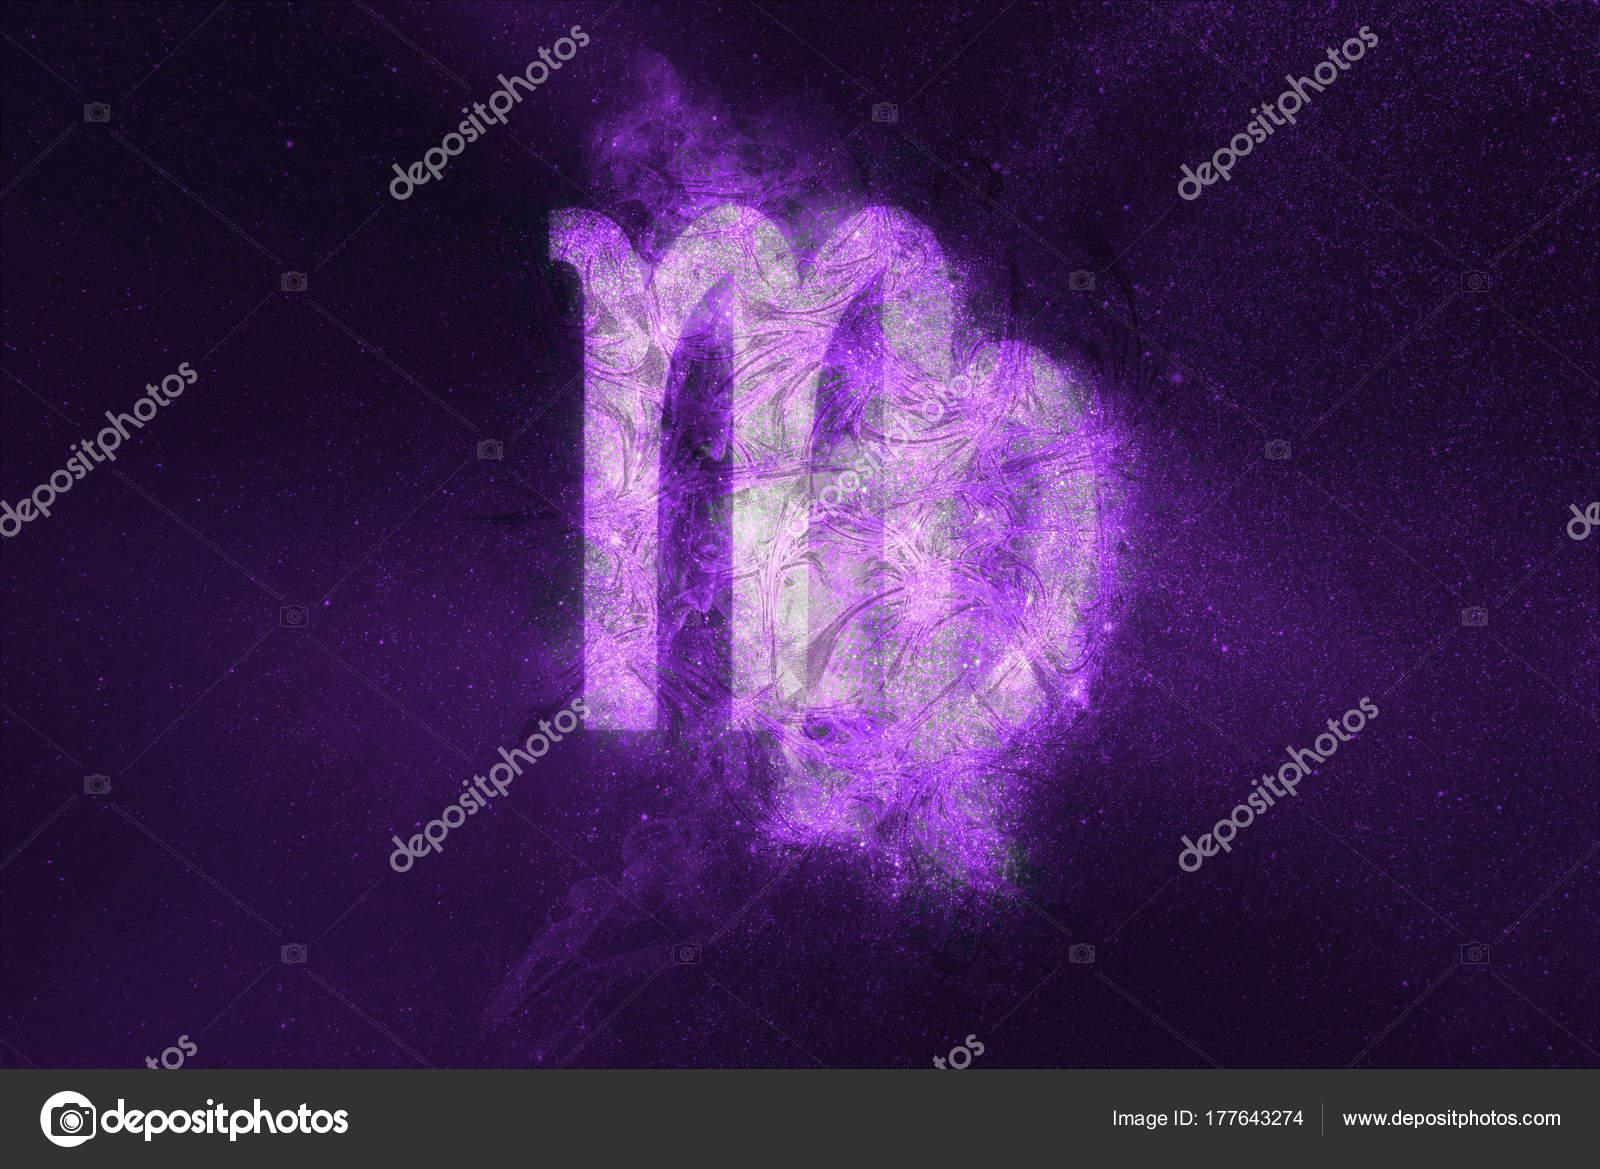 παρθένο σύμβολο συμβατότητας με το αστέρι της Παρθένου